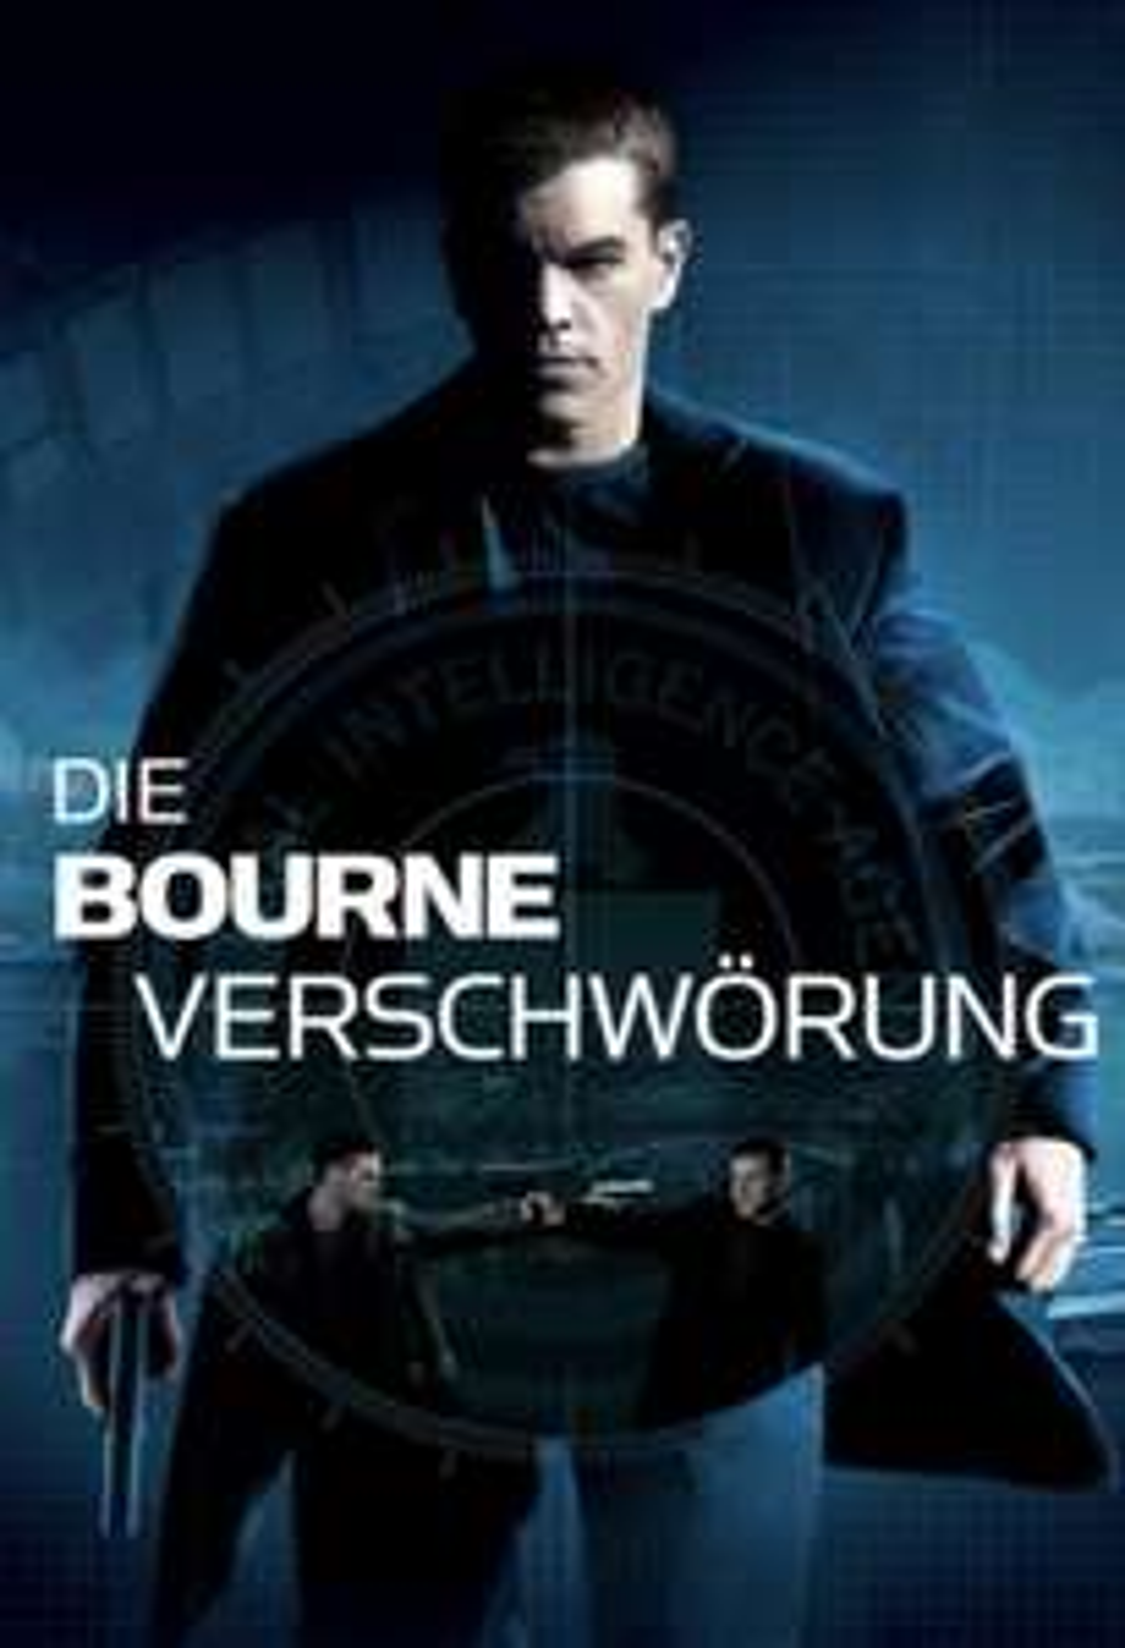 [iTunes] Die Bourne Verschwörung in 4K/UHD